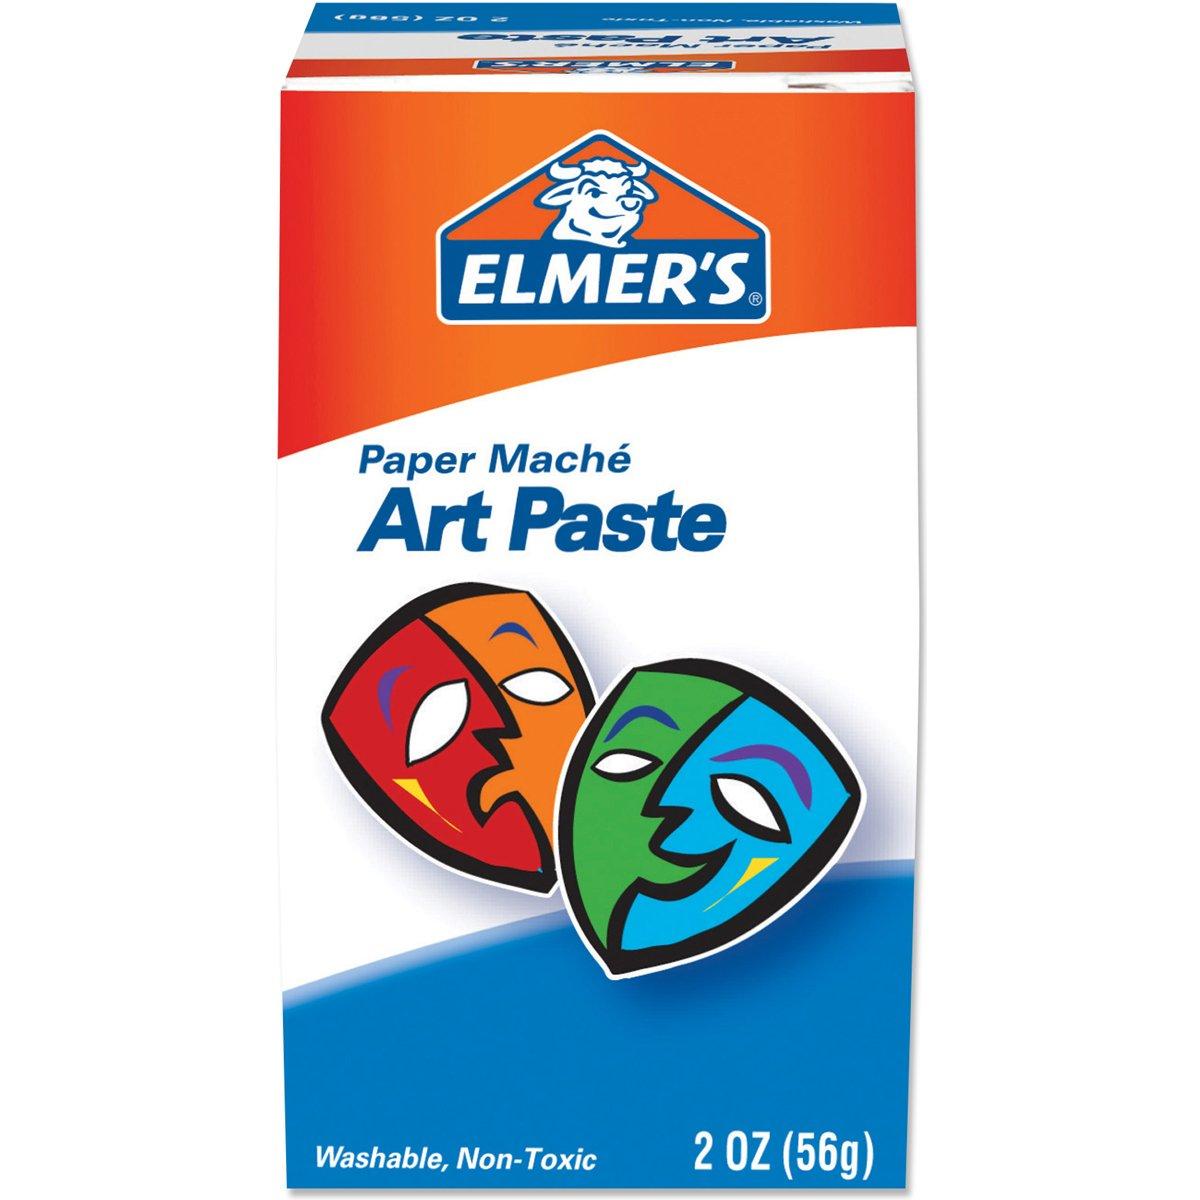 ELMERS Art Paste, Paper Macha, 2 Oz (99000)